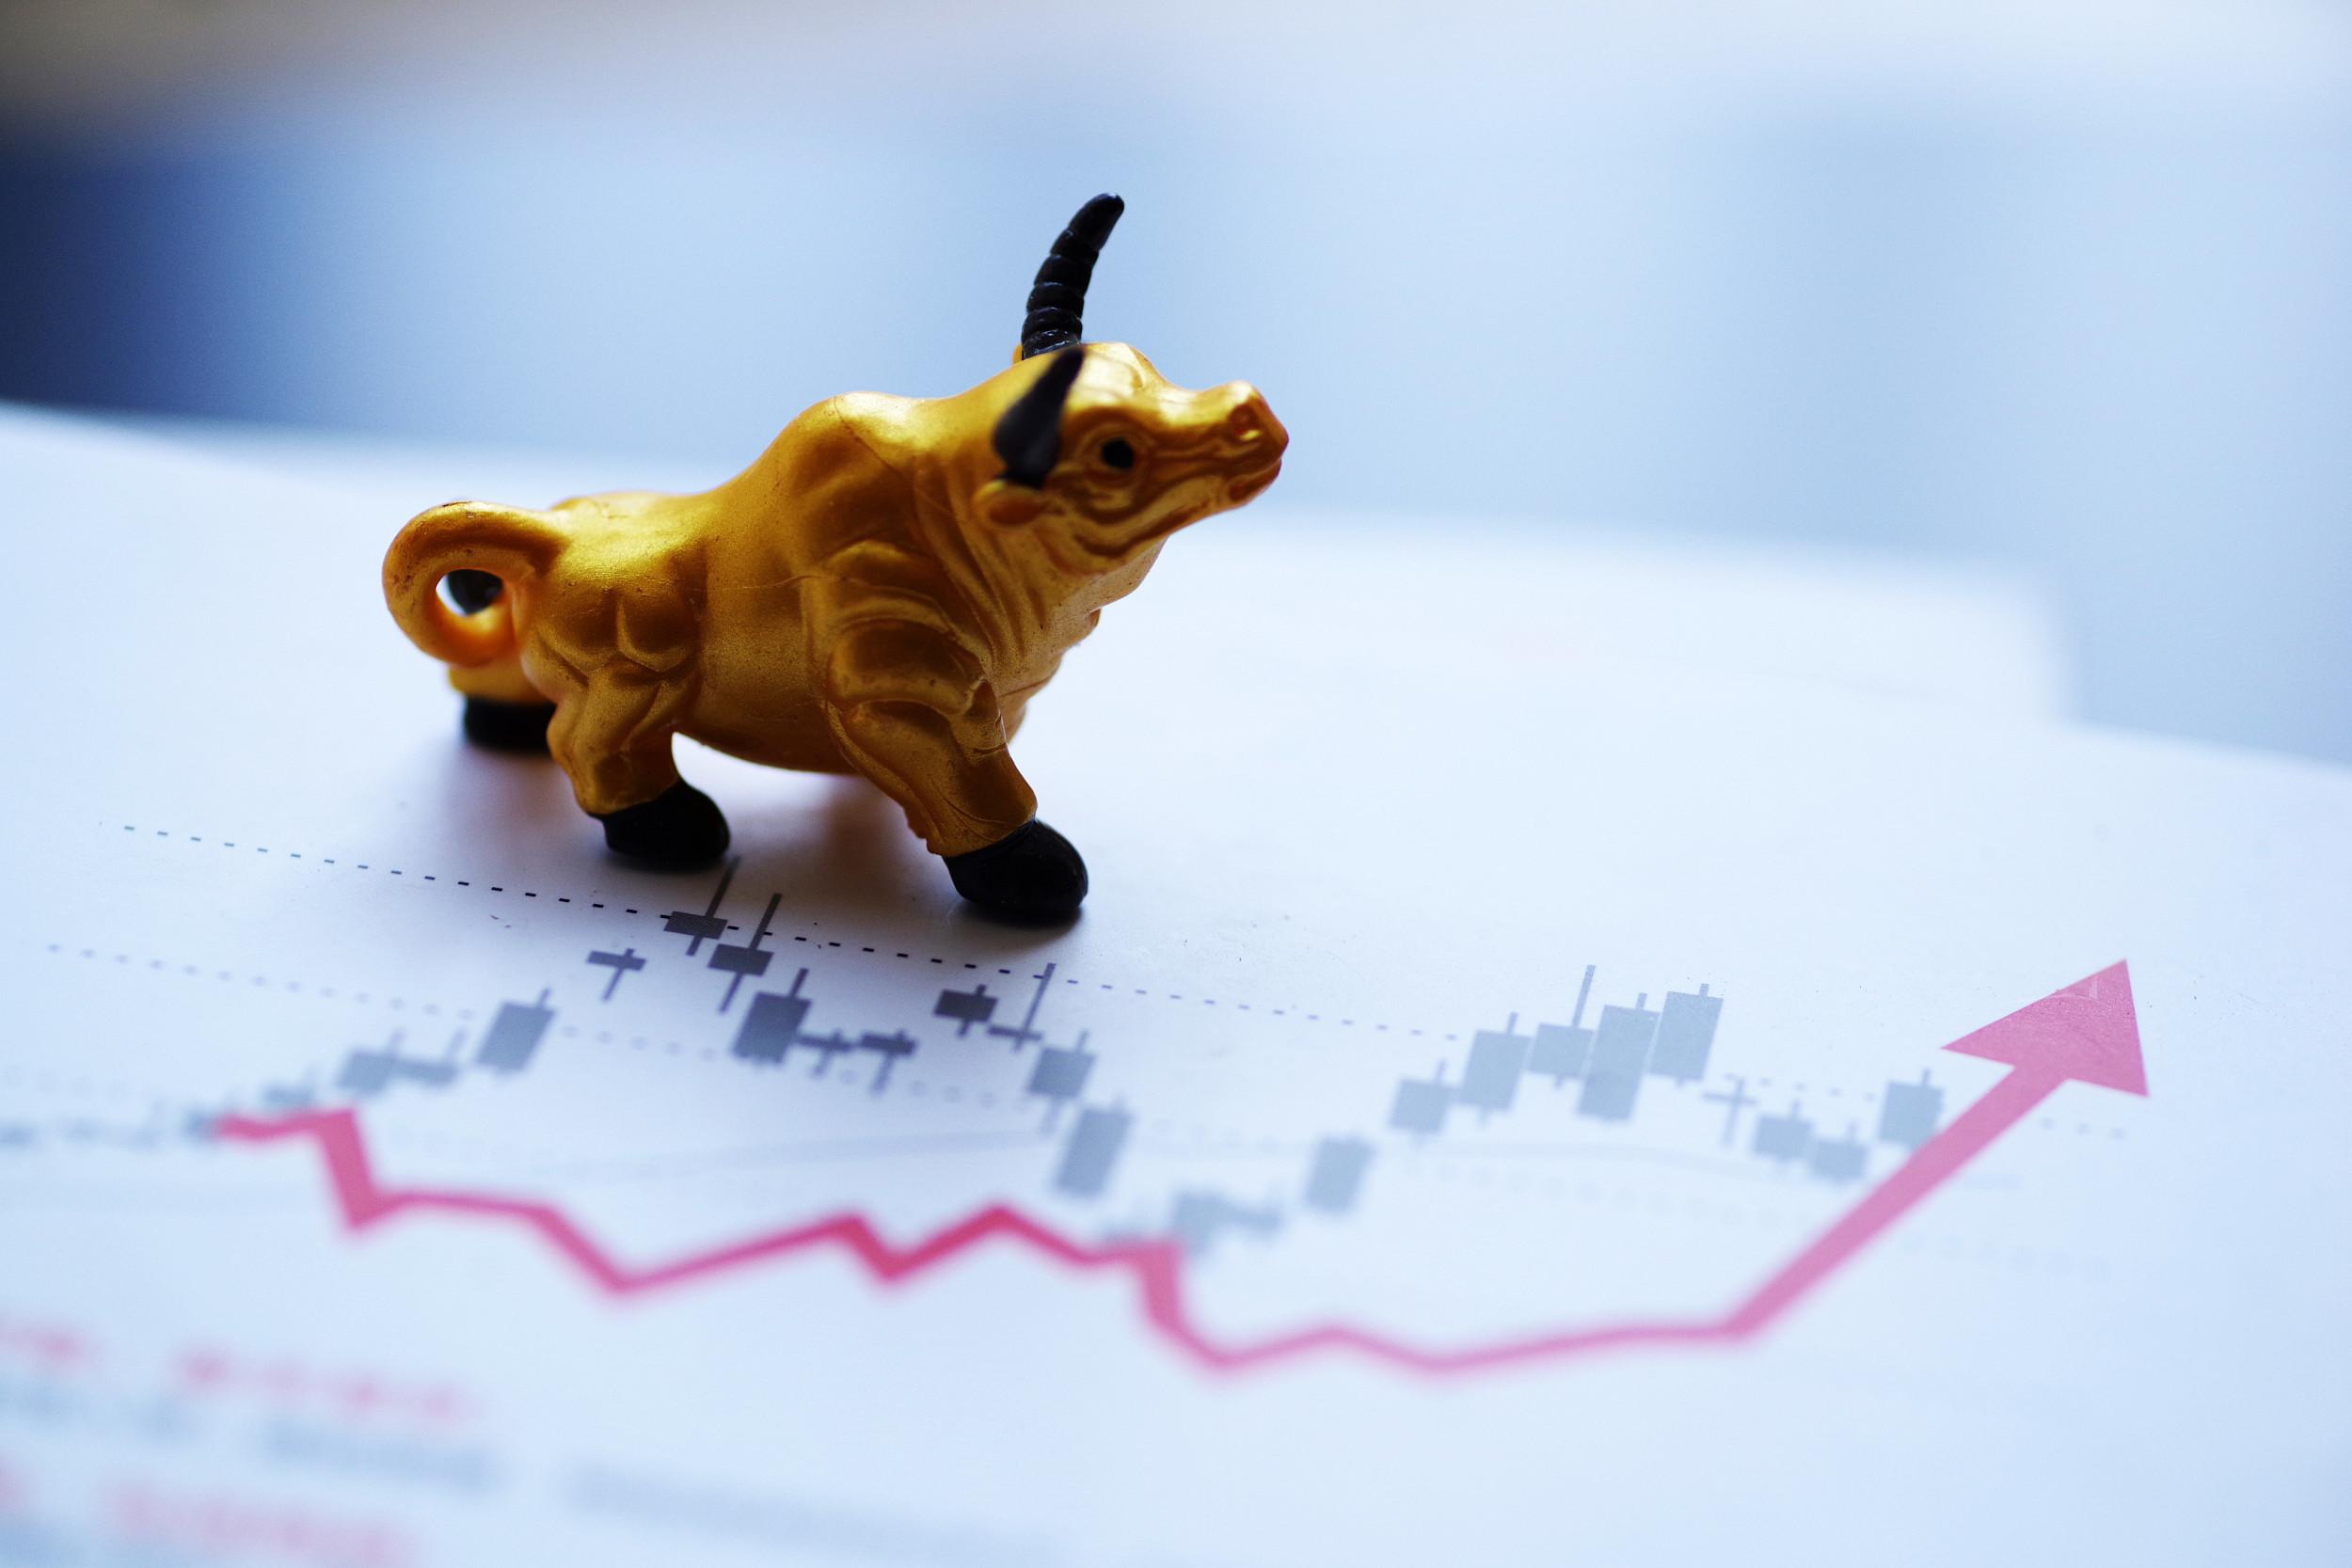 铜|铜价今日再创新高,大宗商品迎来史上最大牛市?